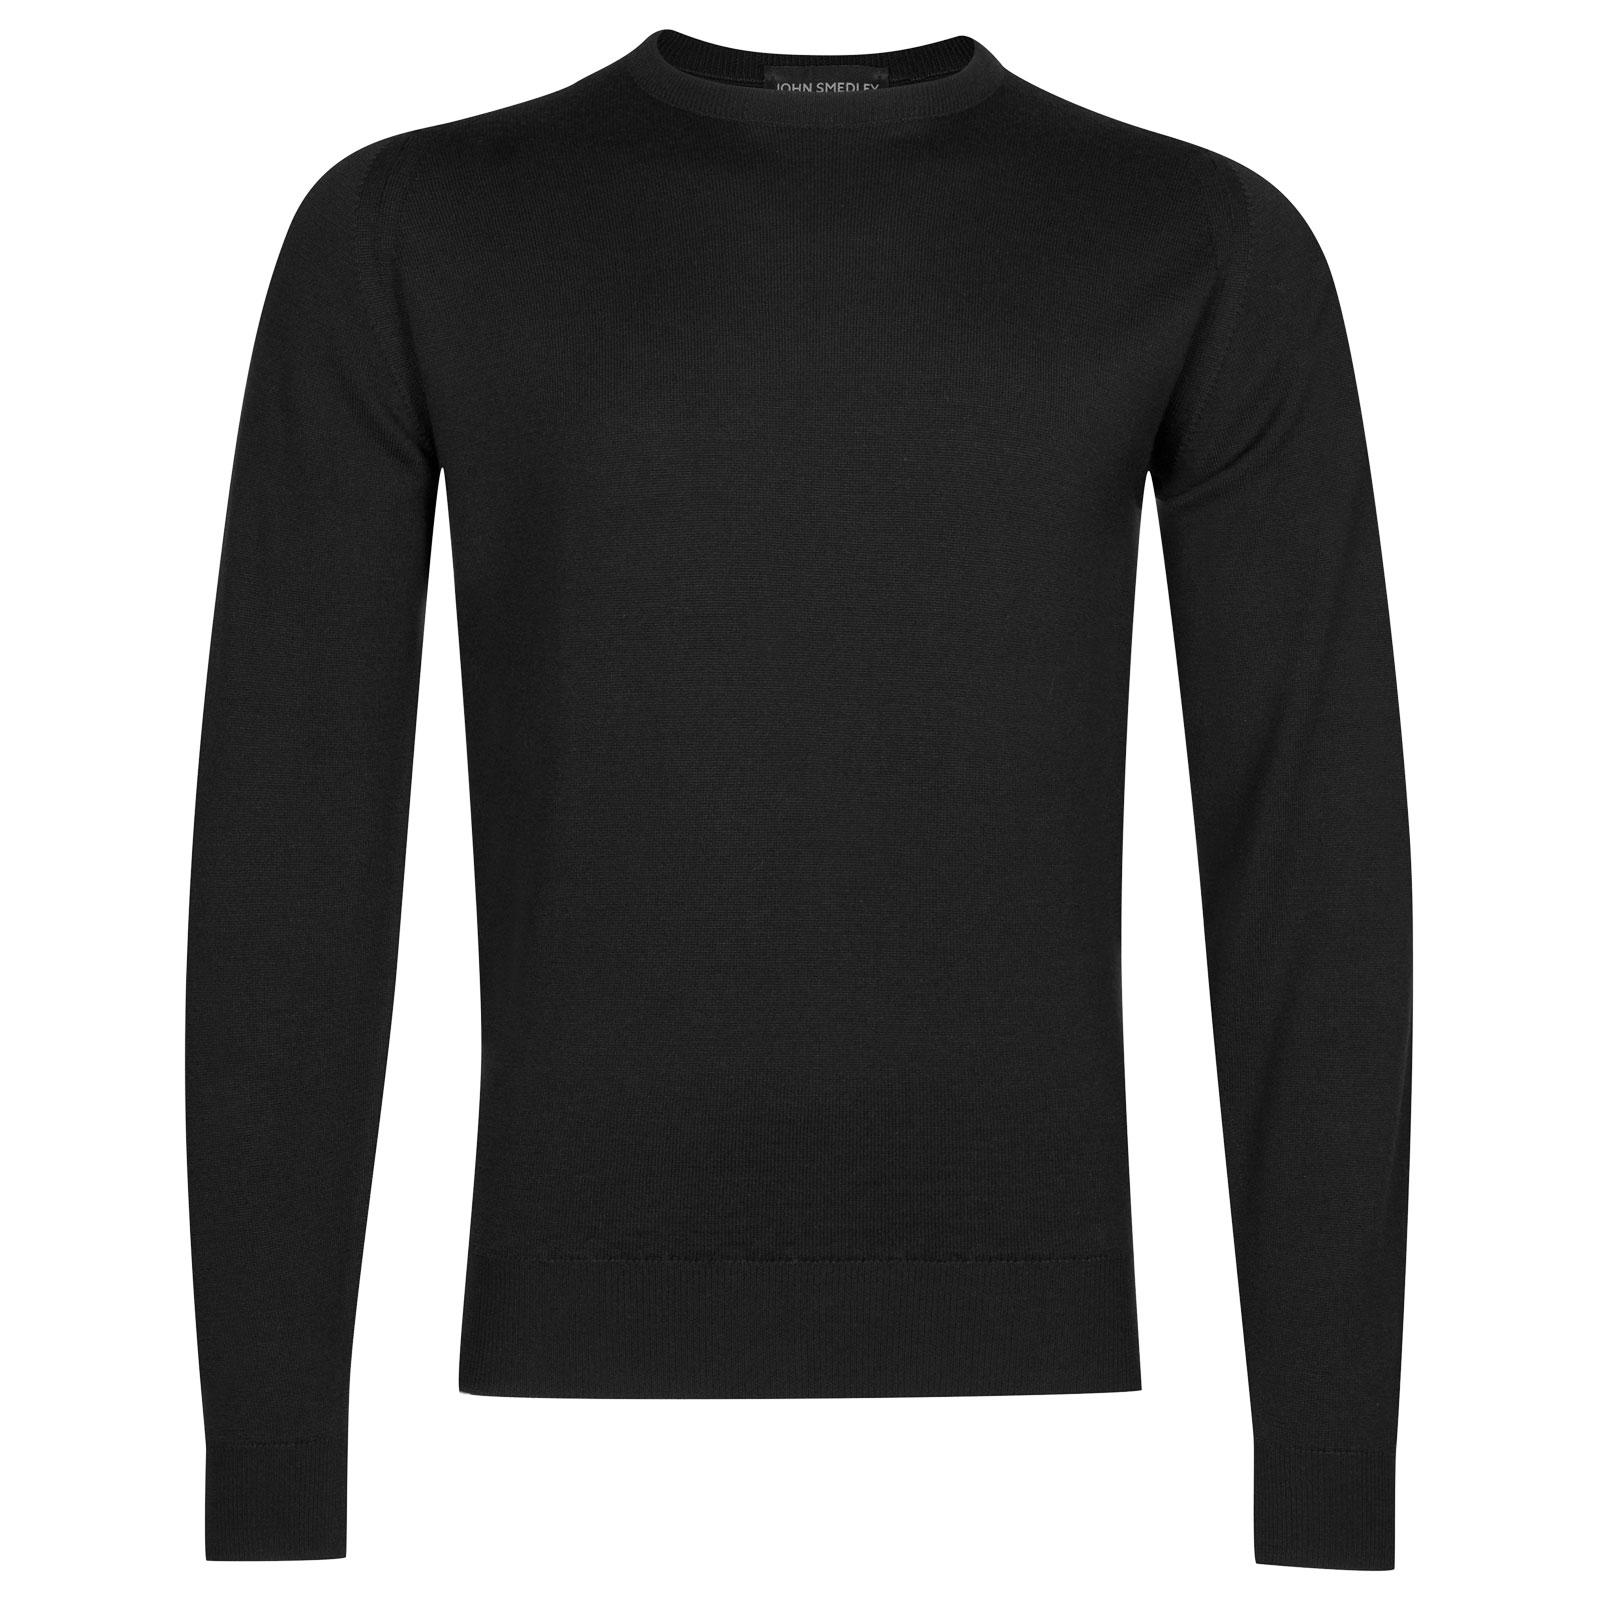 John Smedley farhill Merino Wool Pullover in Black-XL